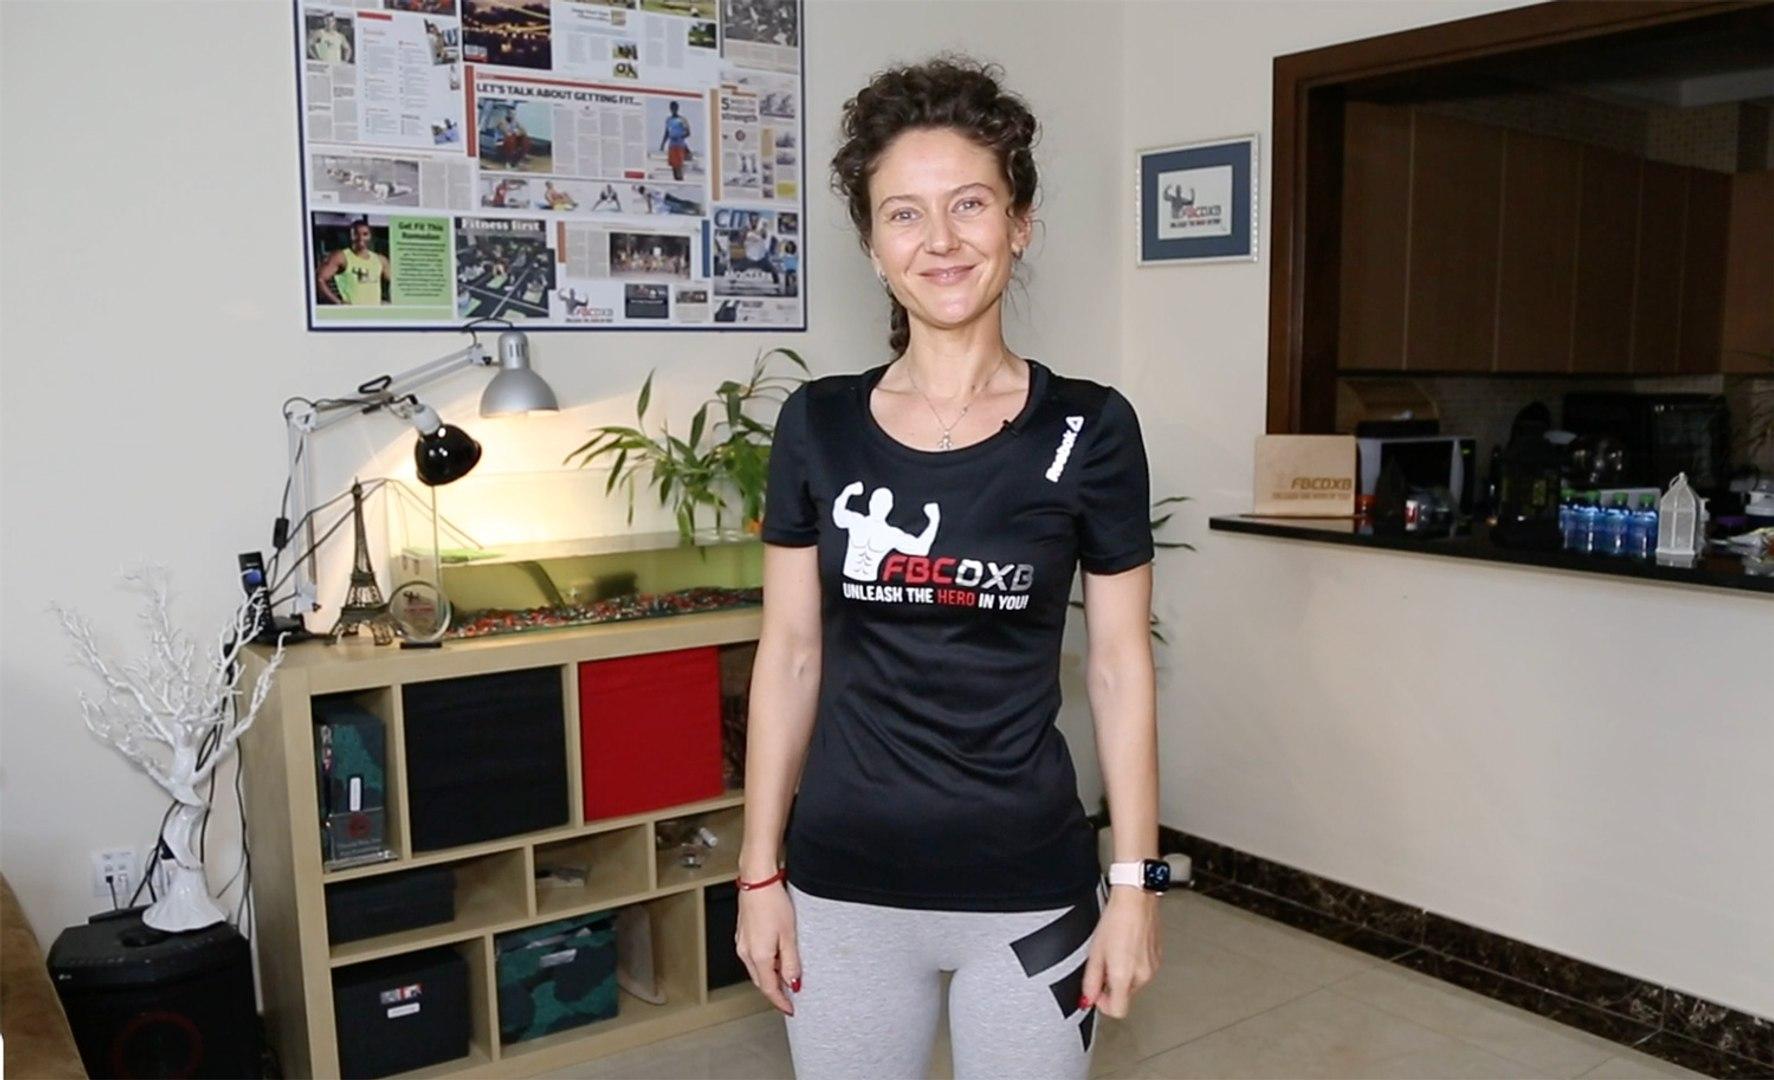 تمارين منزلية للحفاظ على اللياقة البدنية خلال فترة الحجر الصحي